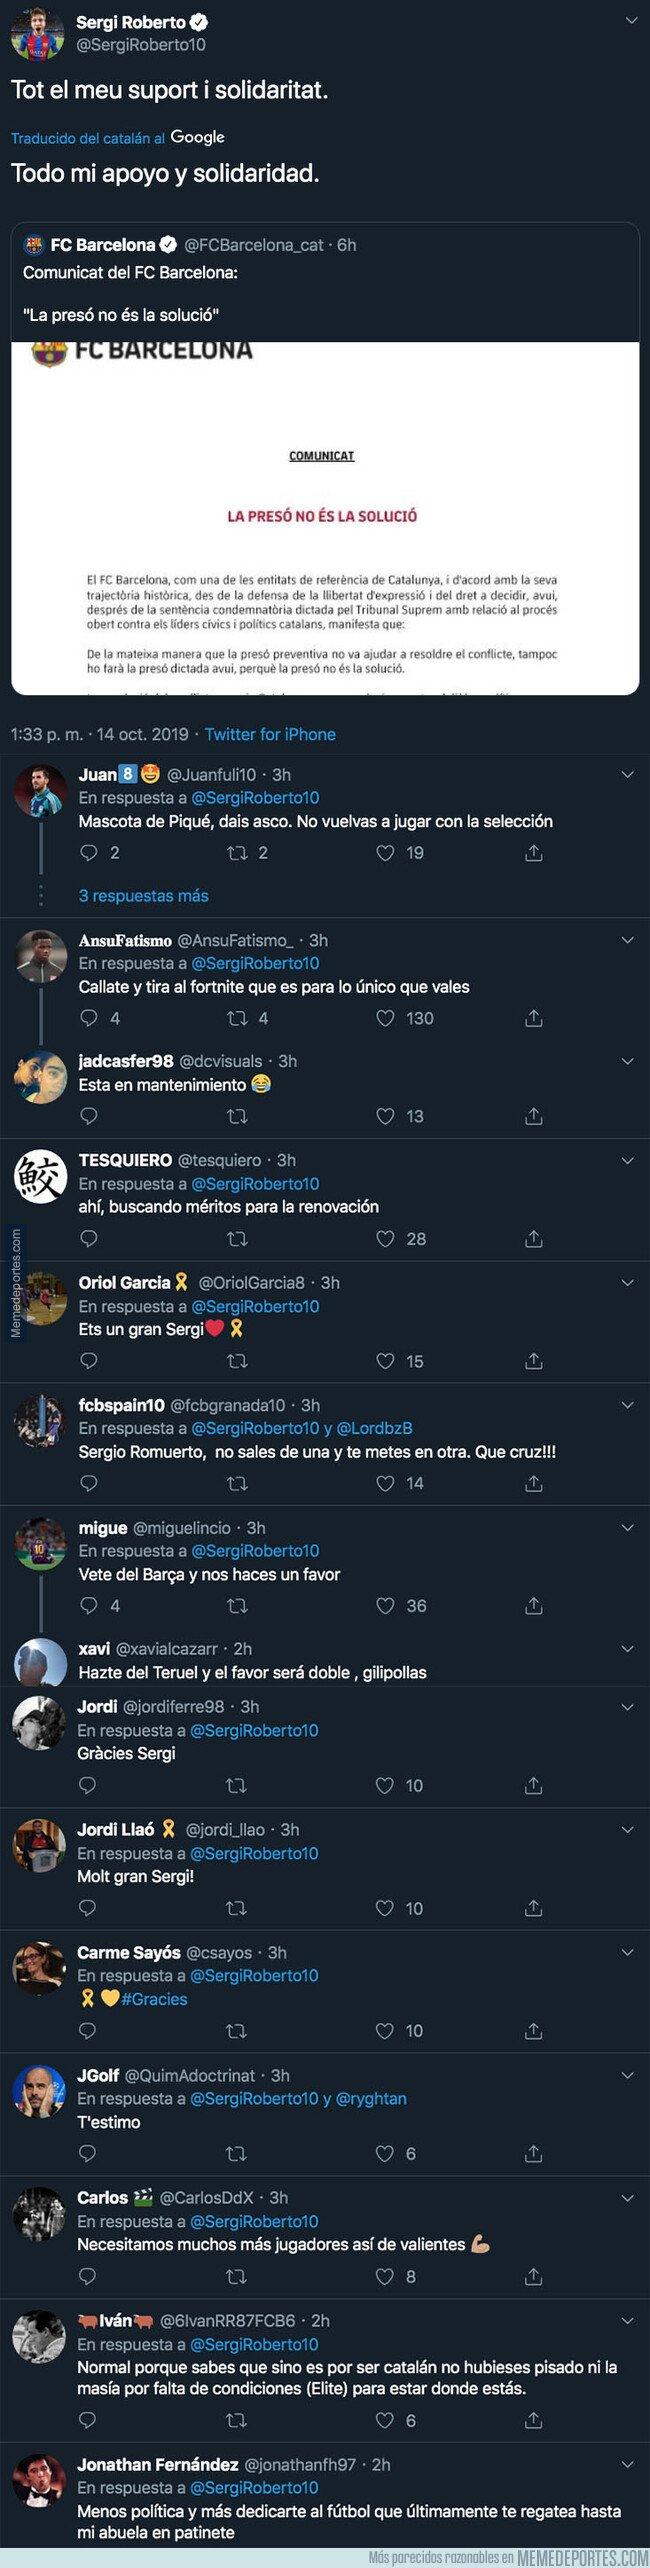 1088438 - Sergio Roberto divide internet con un mensaje apoyando al Barça contra la sentencia del Procés